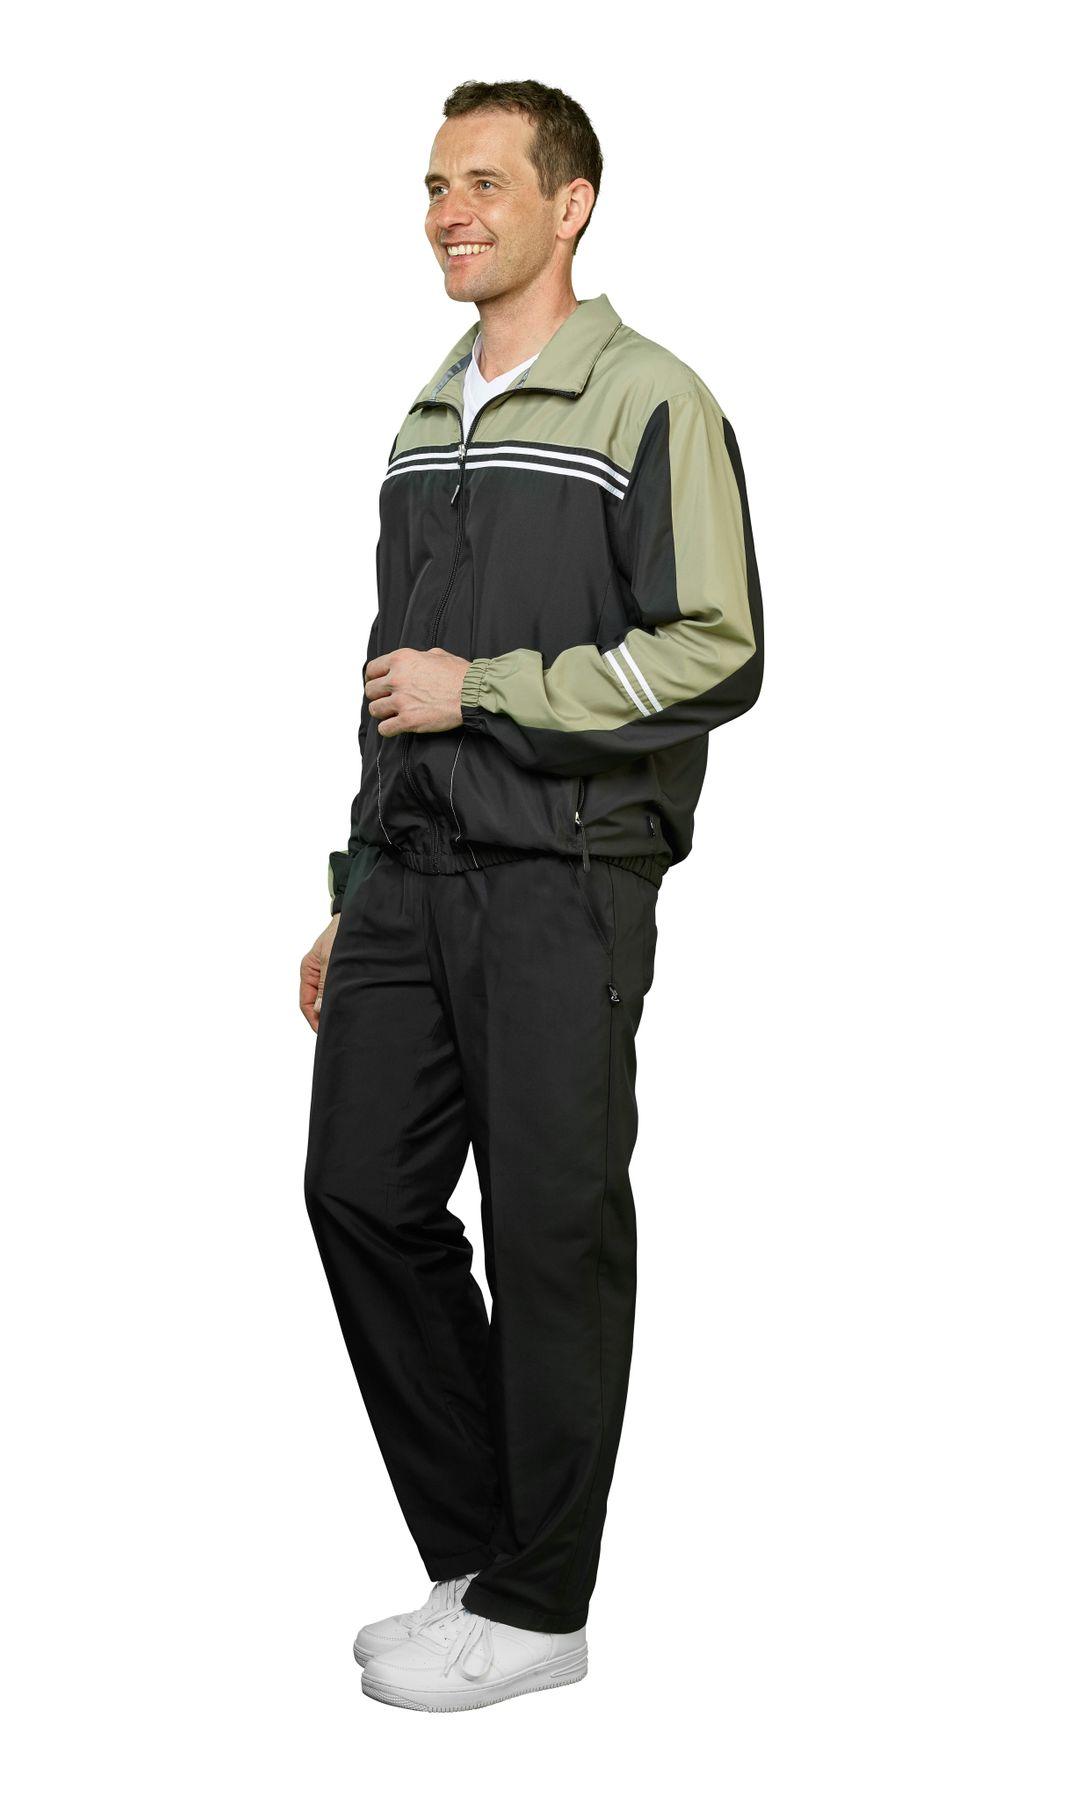 Authentic klein - Herren Sport und Freizeit Jacke in verschiedenen Farben (53062) – Bild 3